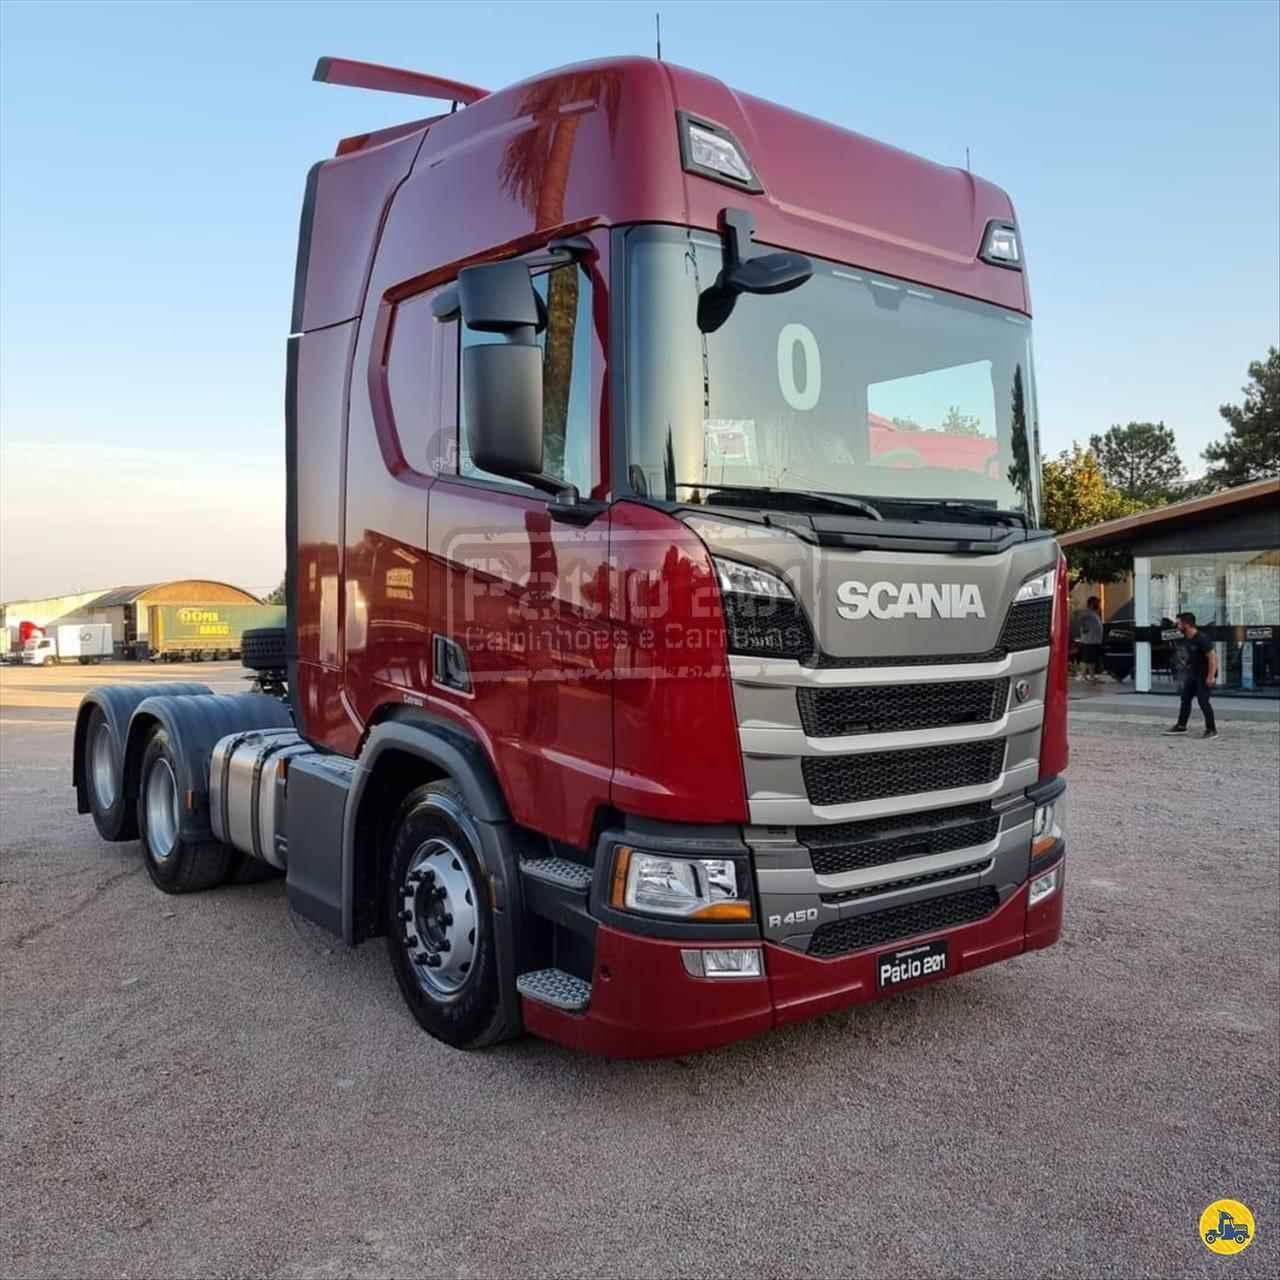 CAMINHAO SCANIA SCANIA 450 Cavalo Mecânico Truck 6x2 Pátio 201 Caminhões e Carretas CURITIBA PARANÁ PR